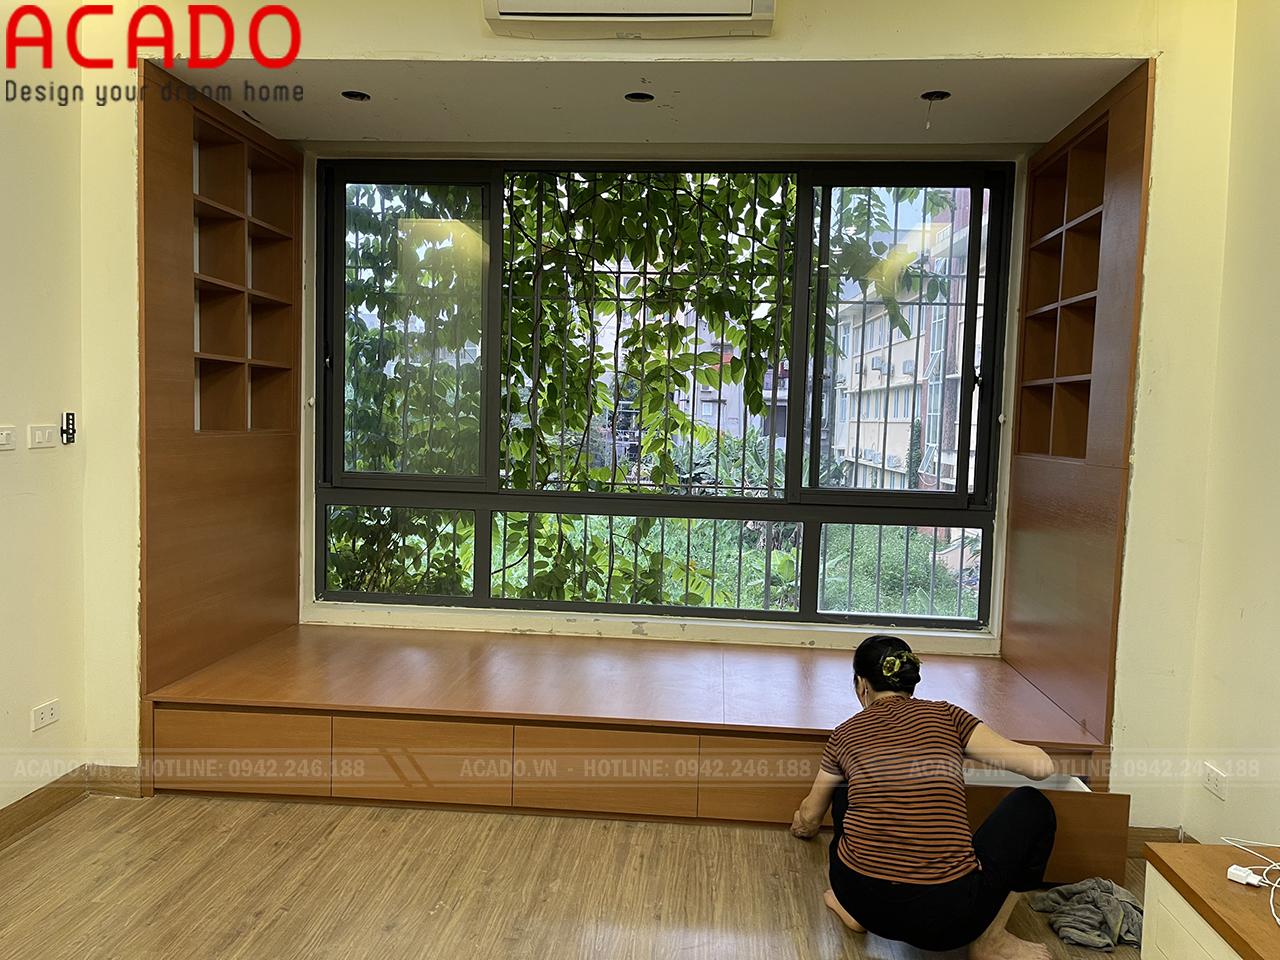 Giường ngủ gỗ Laminate vân gỗ tạo cảm giác trang nhã, hiện đại - Nội thất ACADO